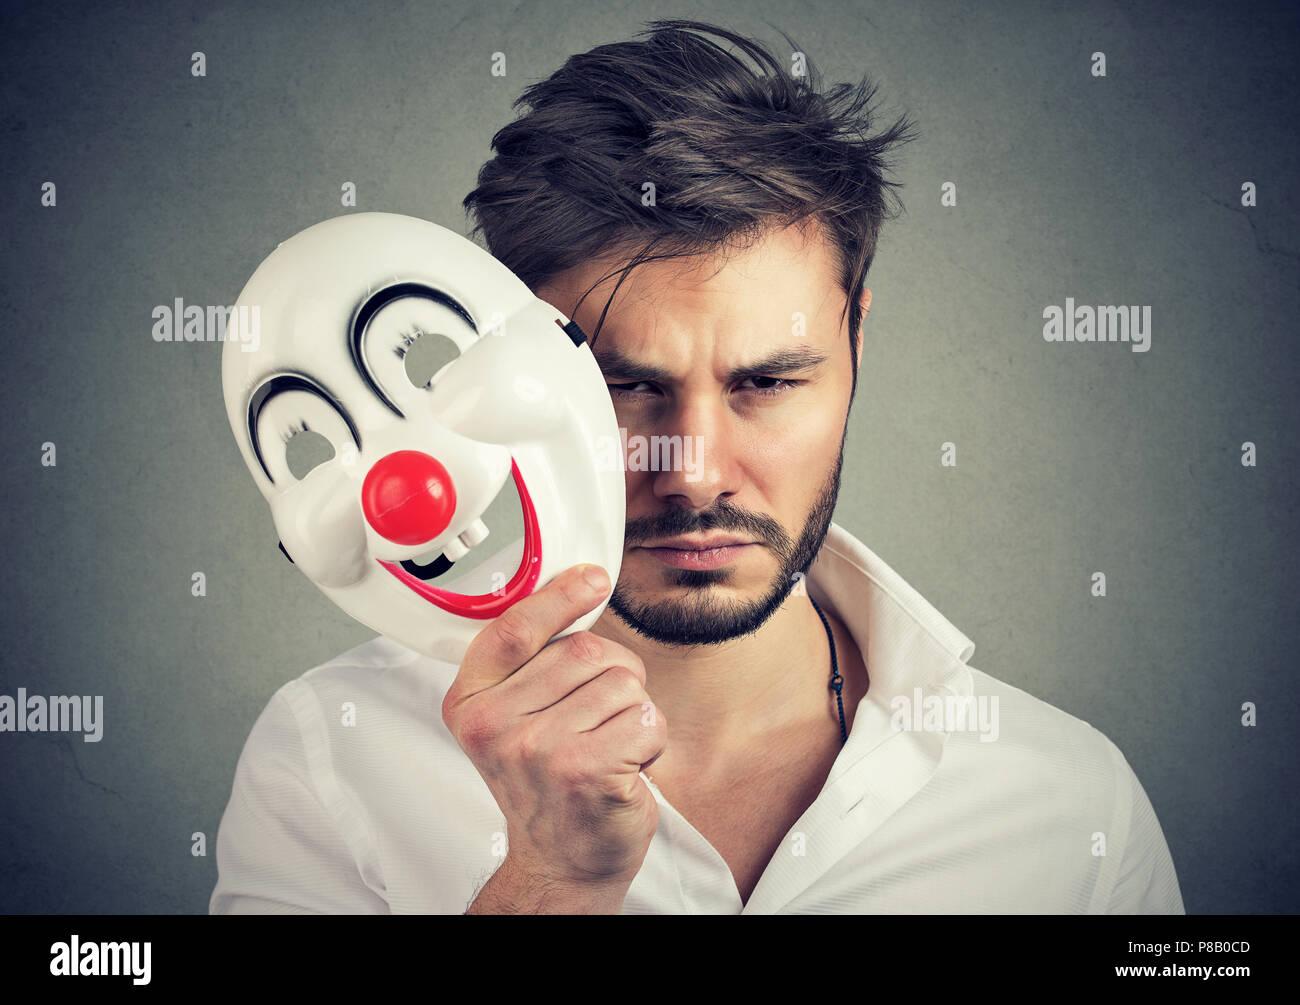 Giovane uomo barbuto holding maschera felice e la sensazione di essere triste e deprimente mentre guardando la fotocamera su sfondo grigio Immagini Stock